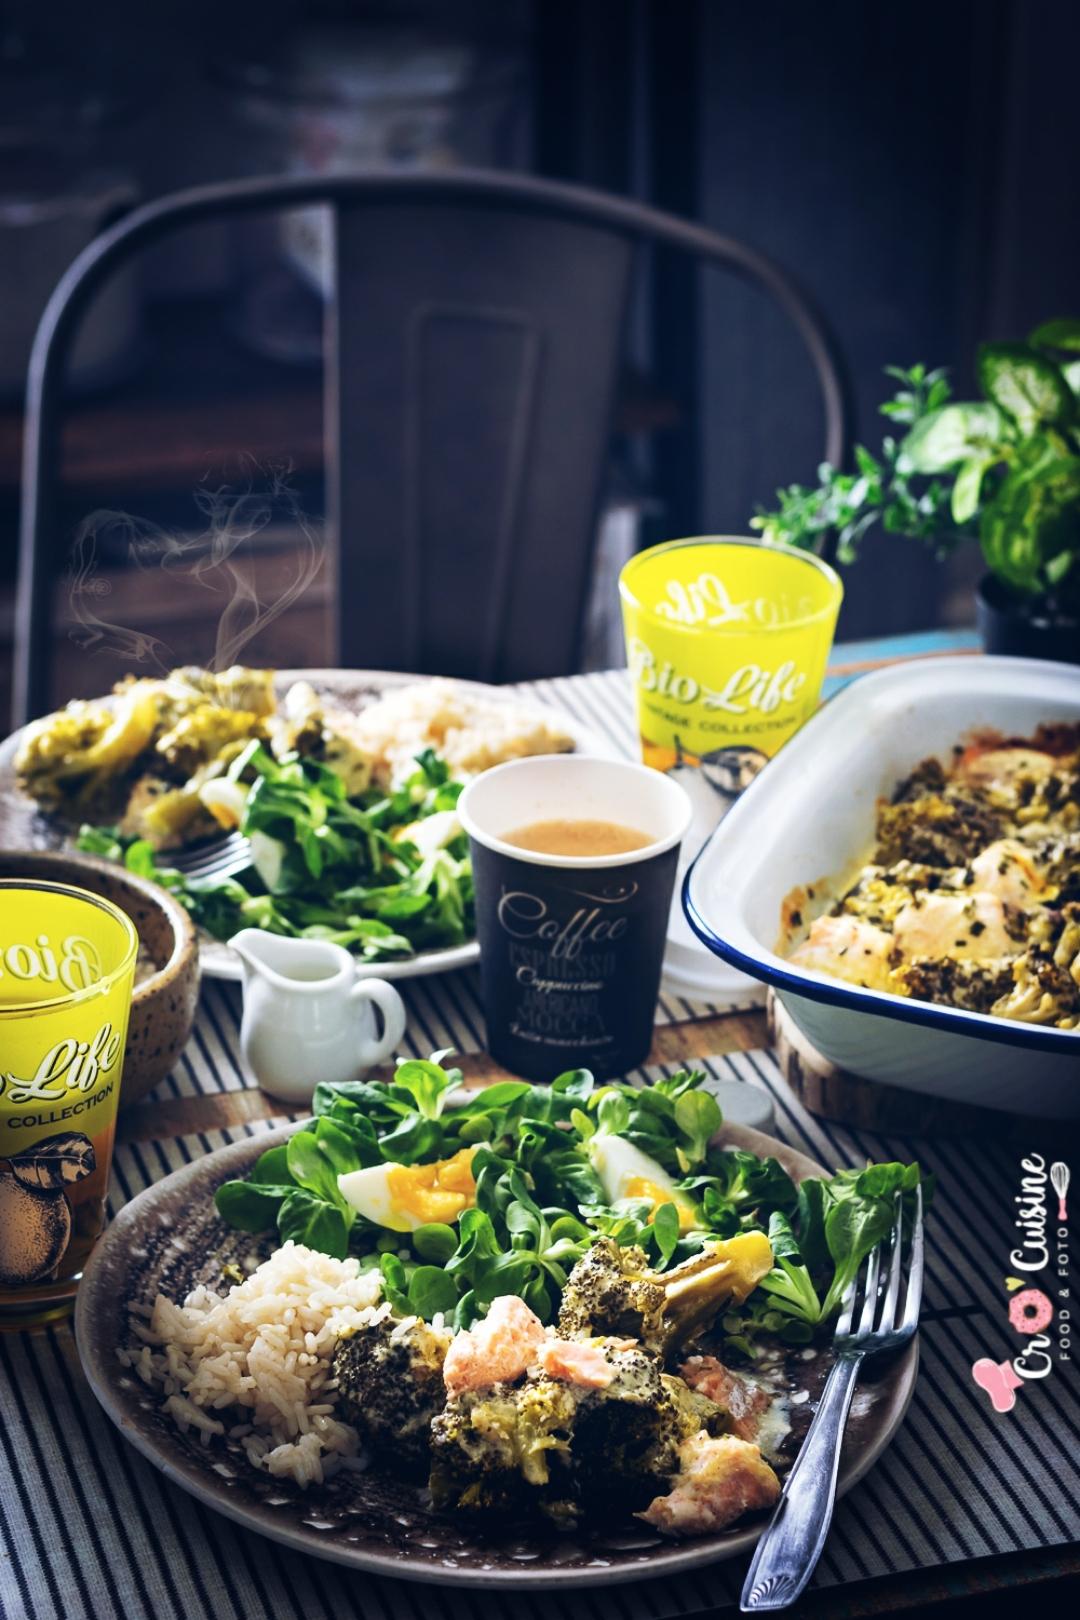 Un délicieux gratin citronné de brocolis au saumon idéal pour accompagner avec du riz, des pommes de terre vapeurs ou du ebly. Parfait pour petits et grands gourmands.